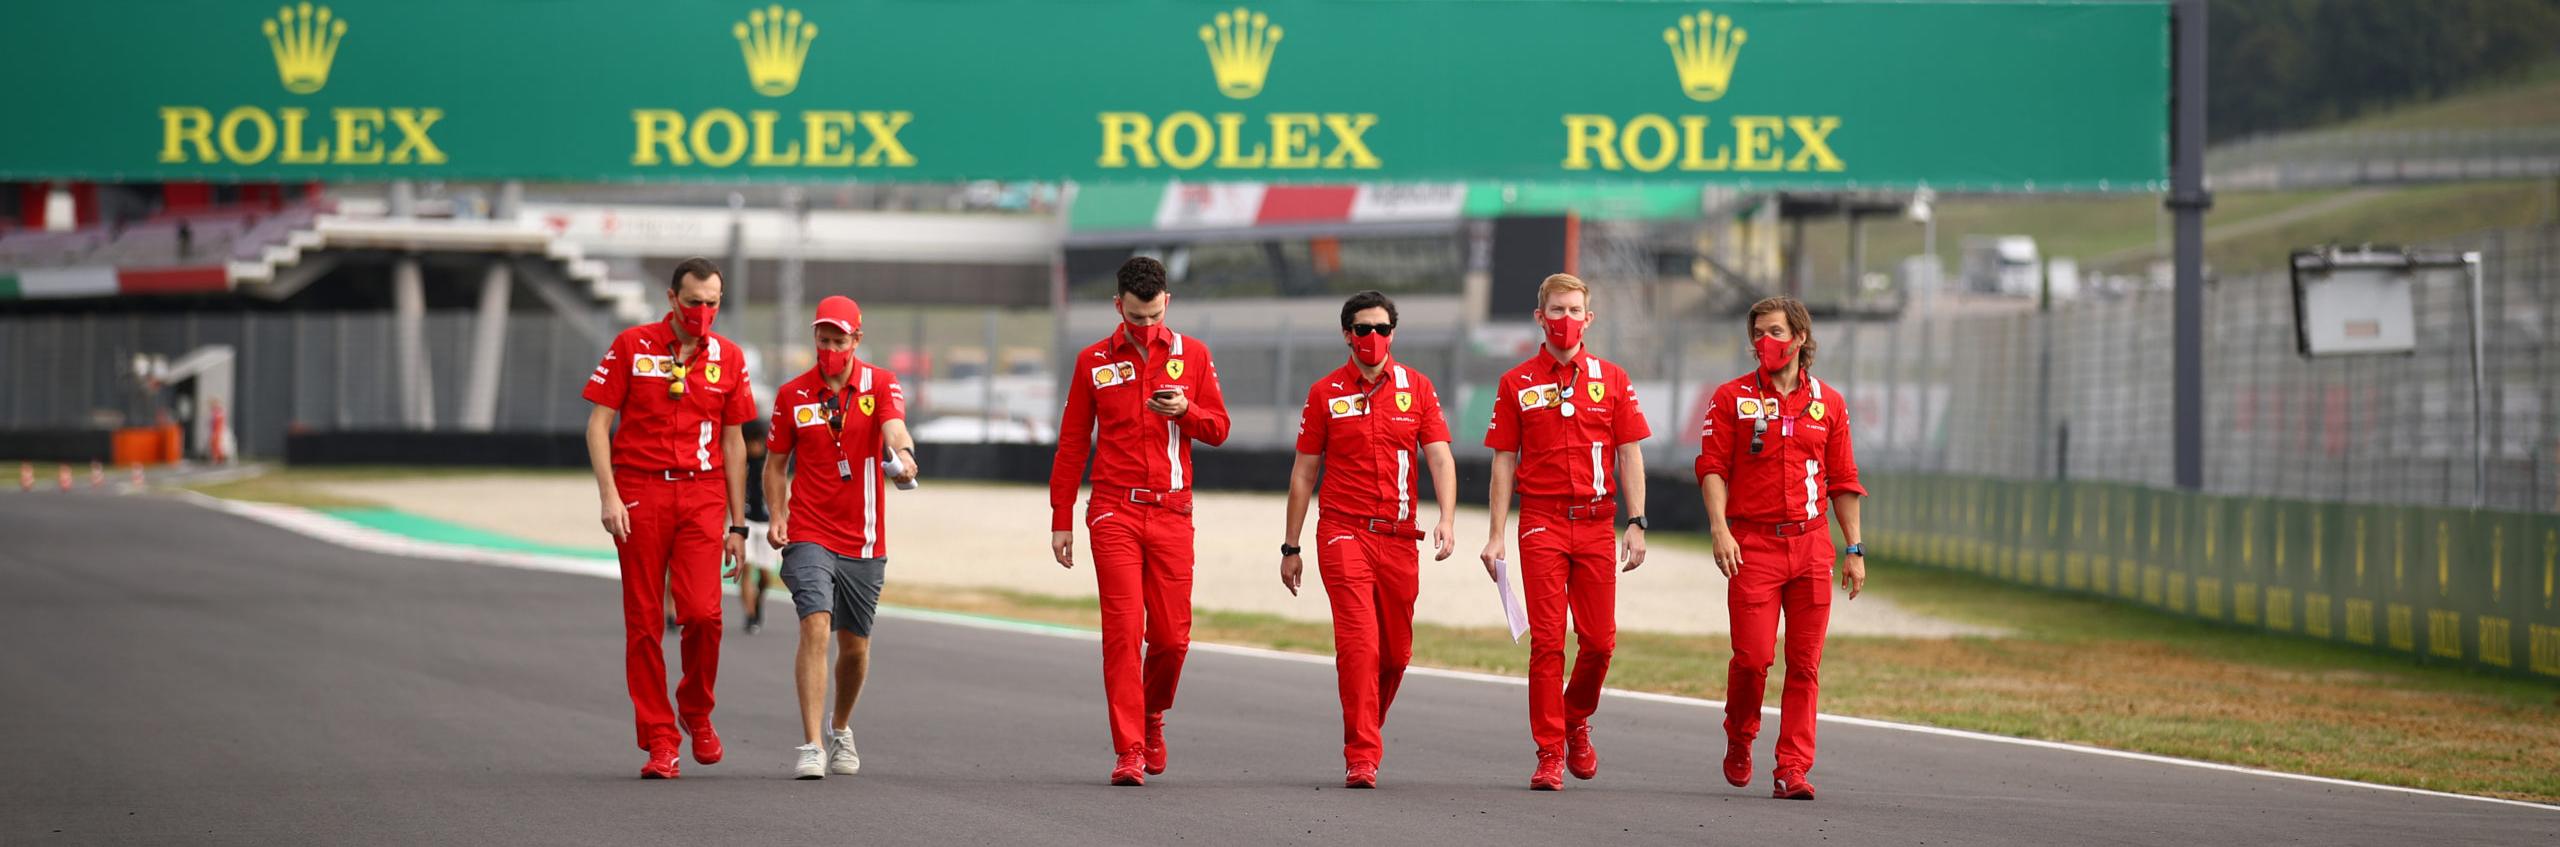 GP Mugello F1, quote e scommesse: la Ferrari cerca il miracolo